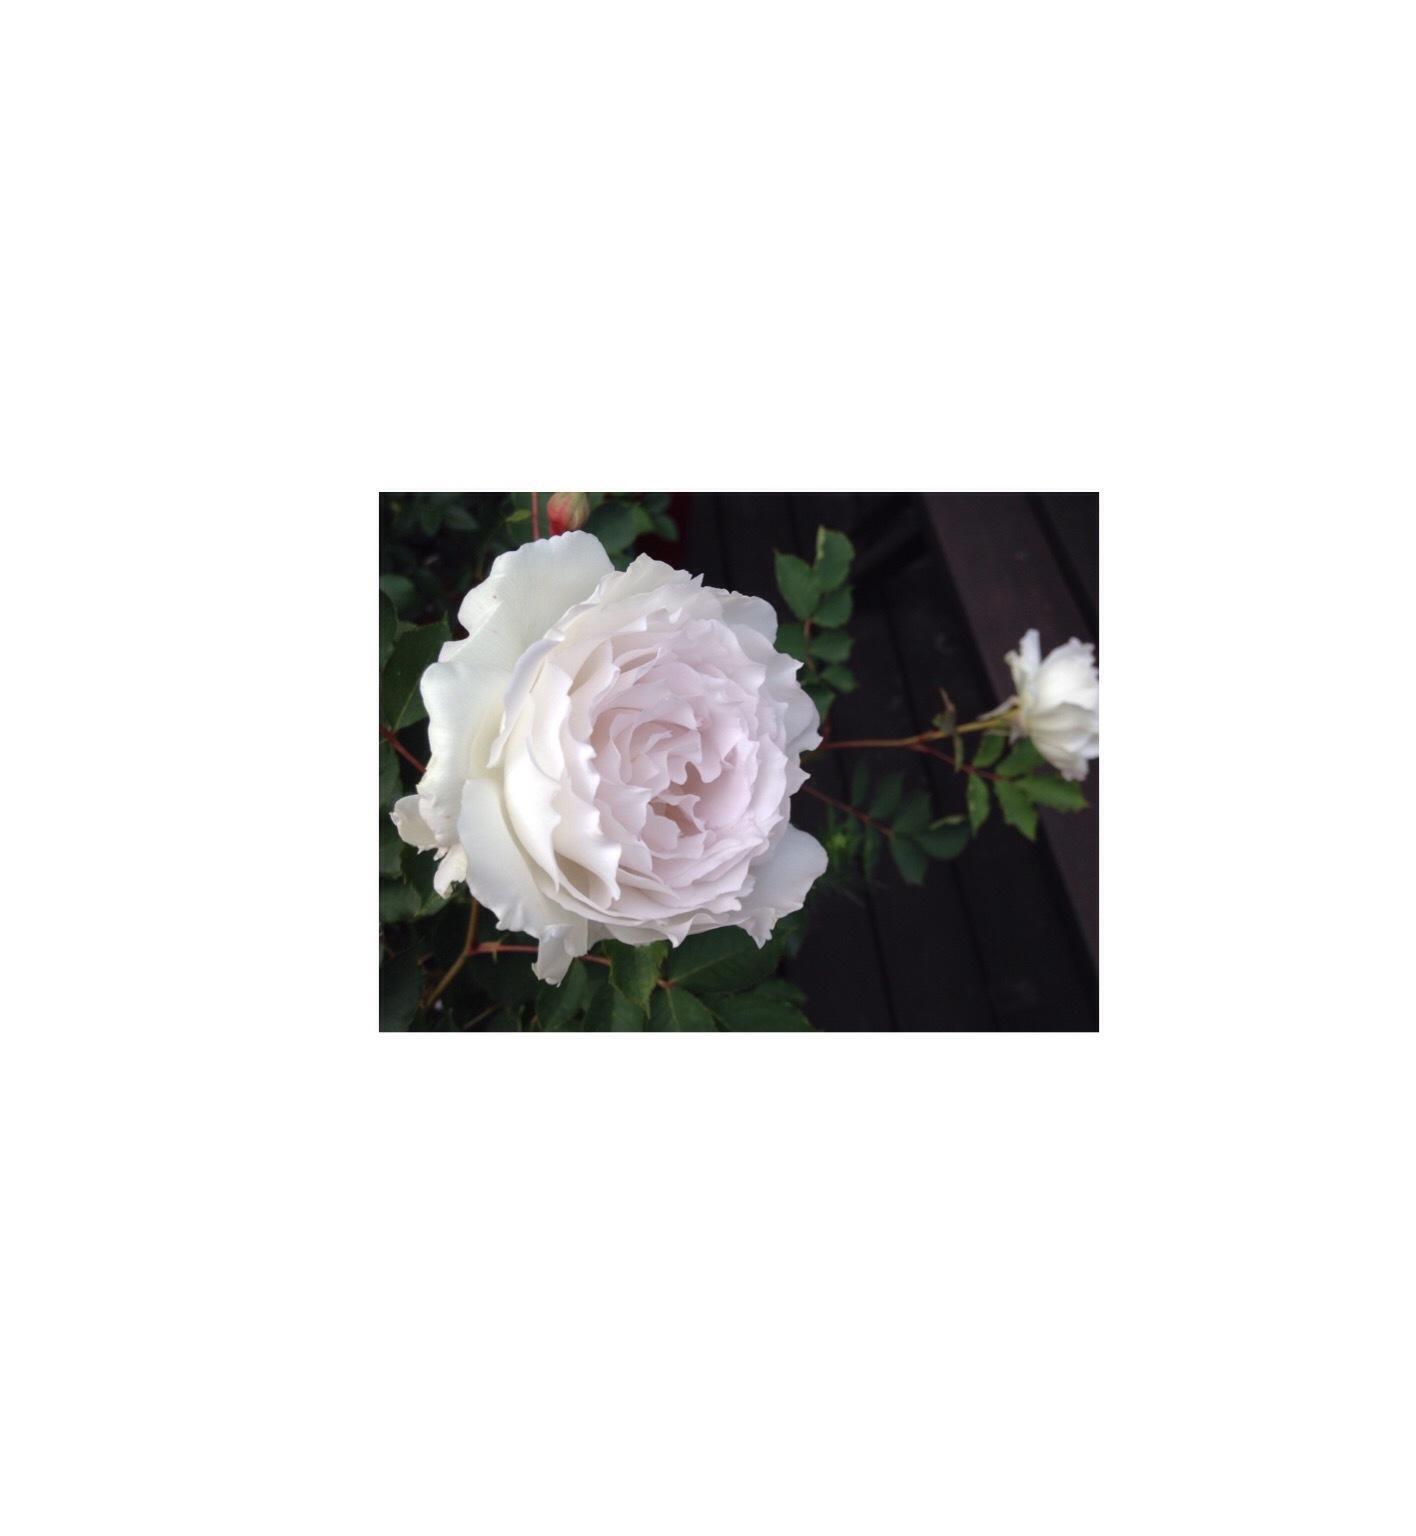 f0279566_18482679.jpg